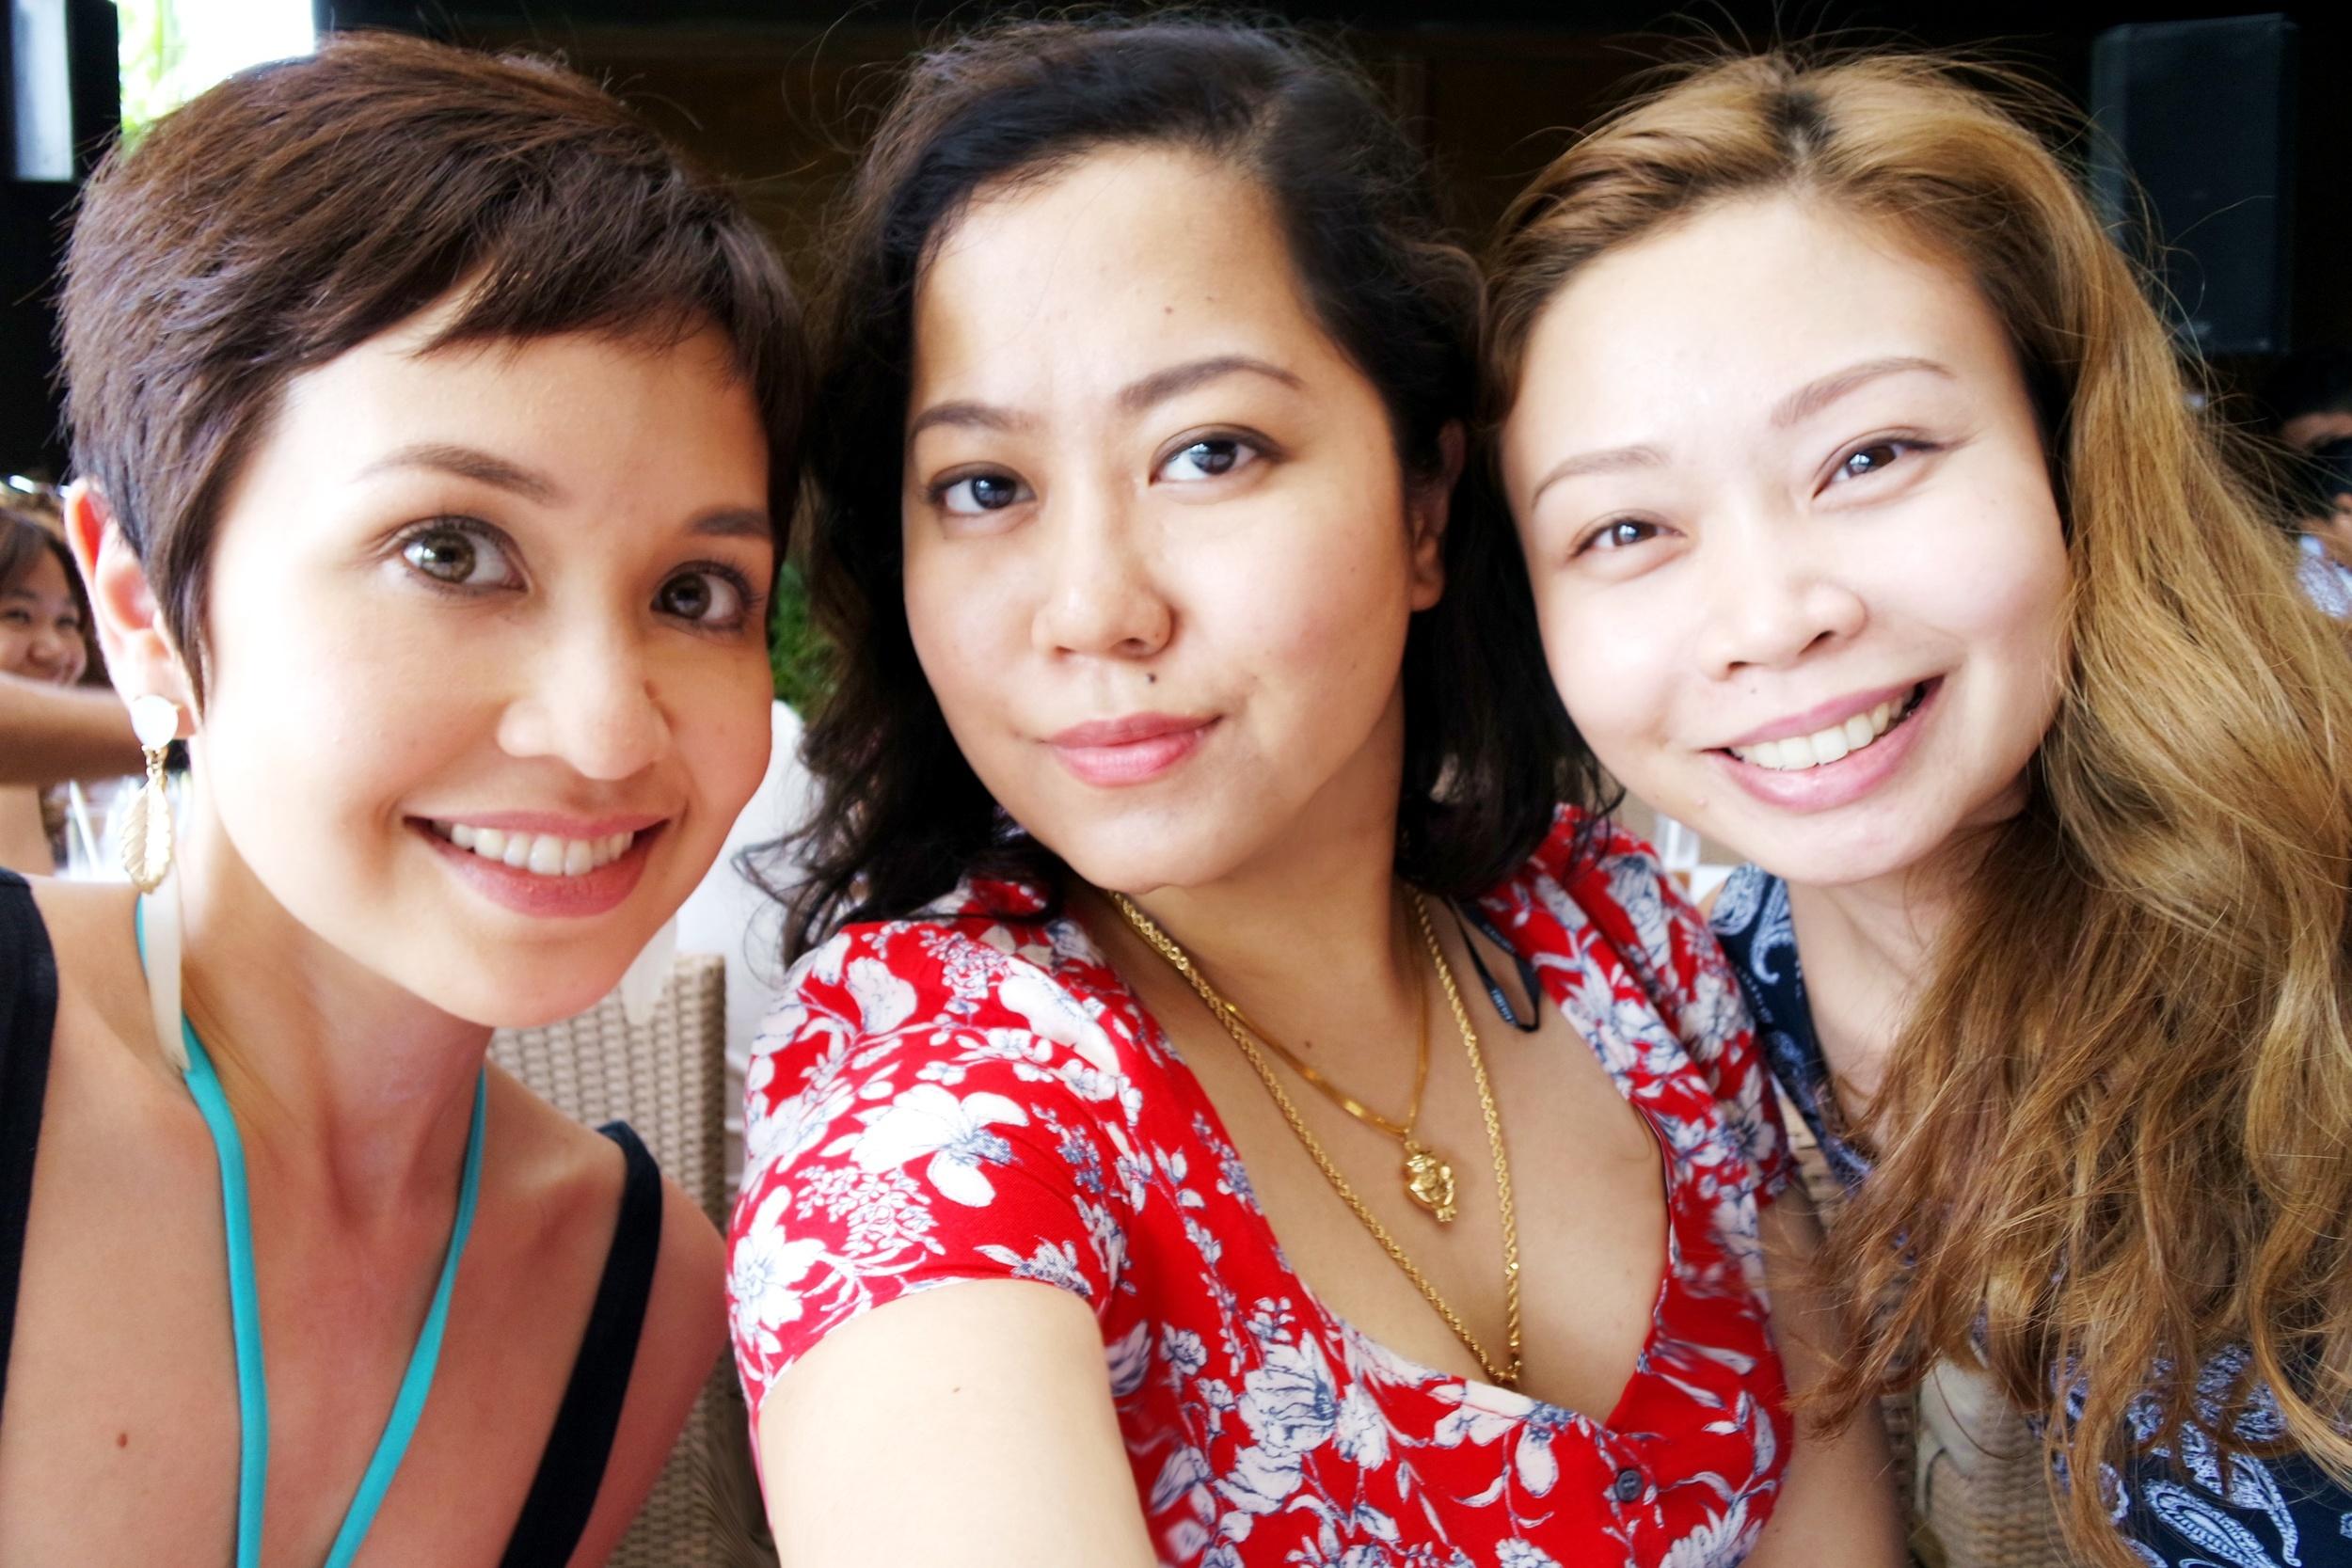 Blogger friends Julia of Blessmybag.com and Kira of Kira-ramirez.com. <3